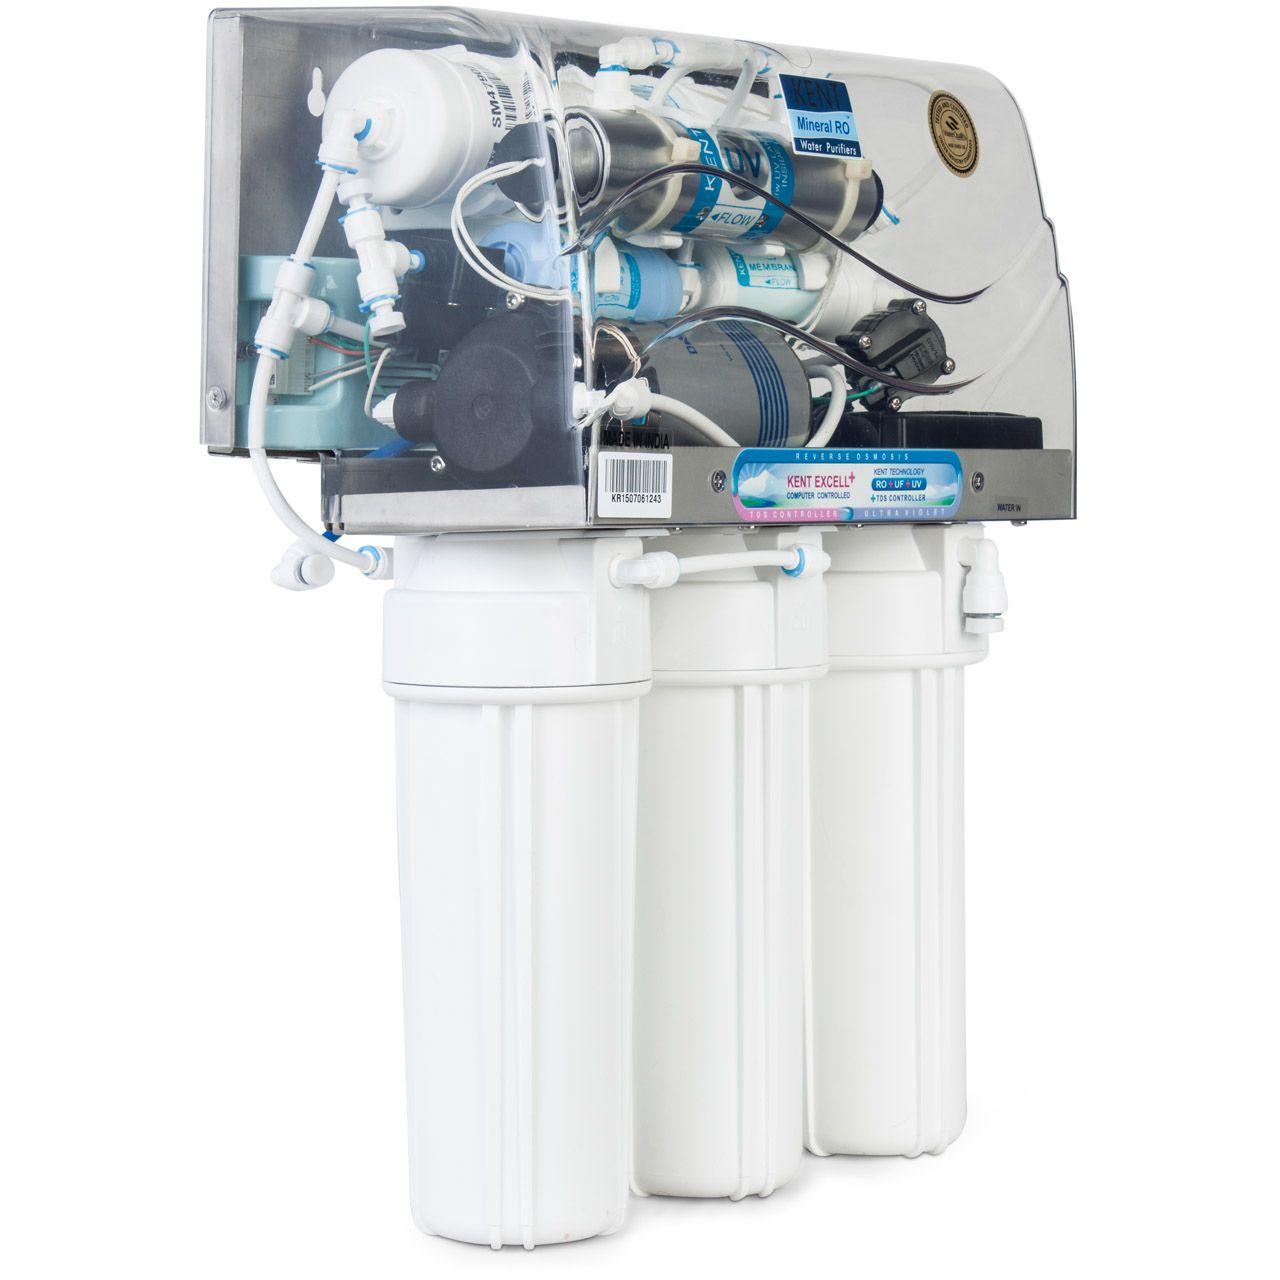 دستگاه تصفیه آب زیر سینکی کنت مدل اکسل پلاس